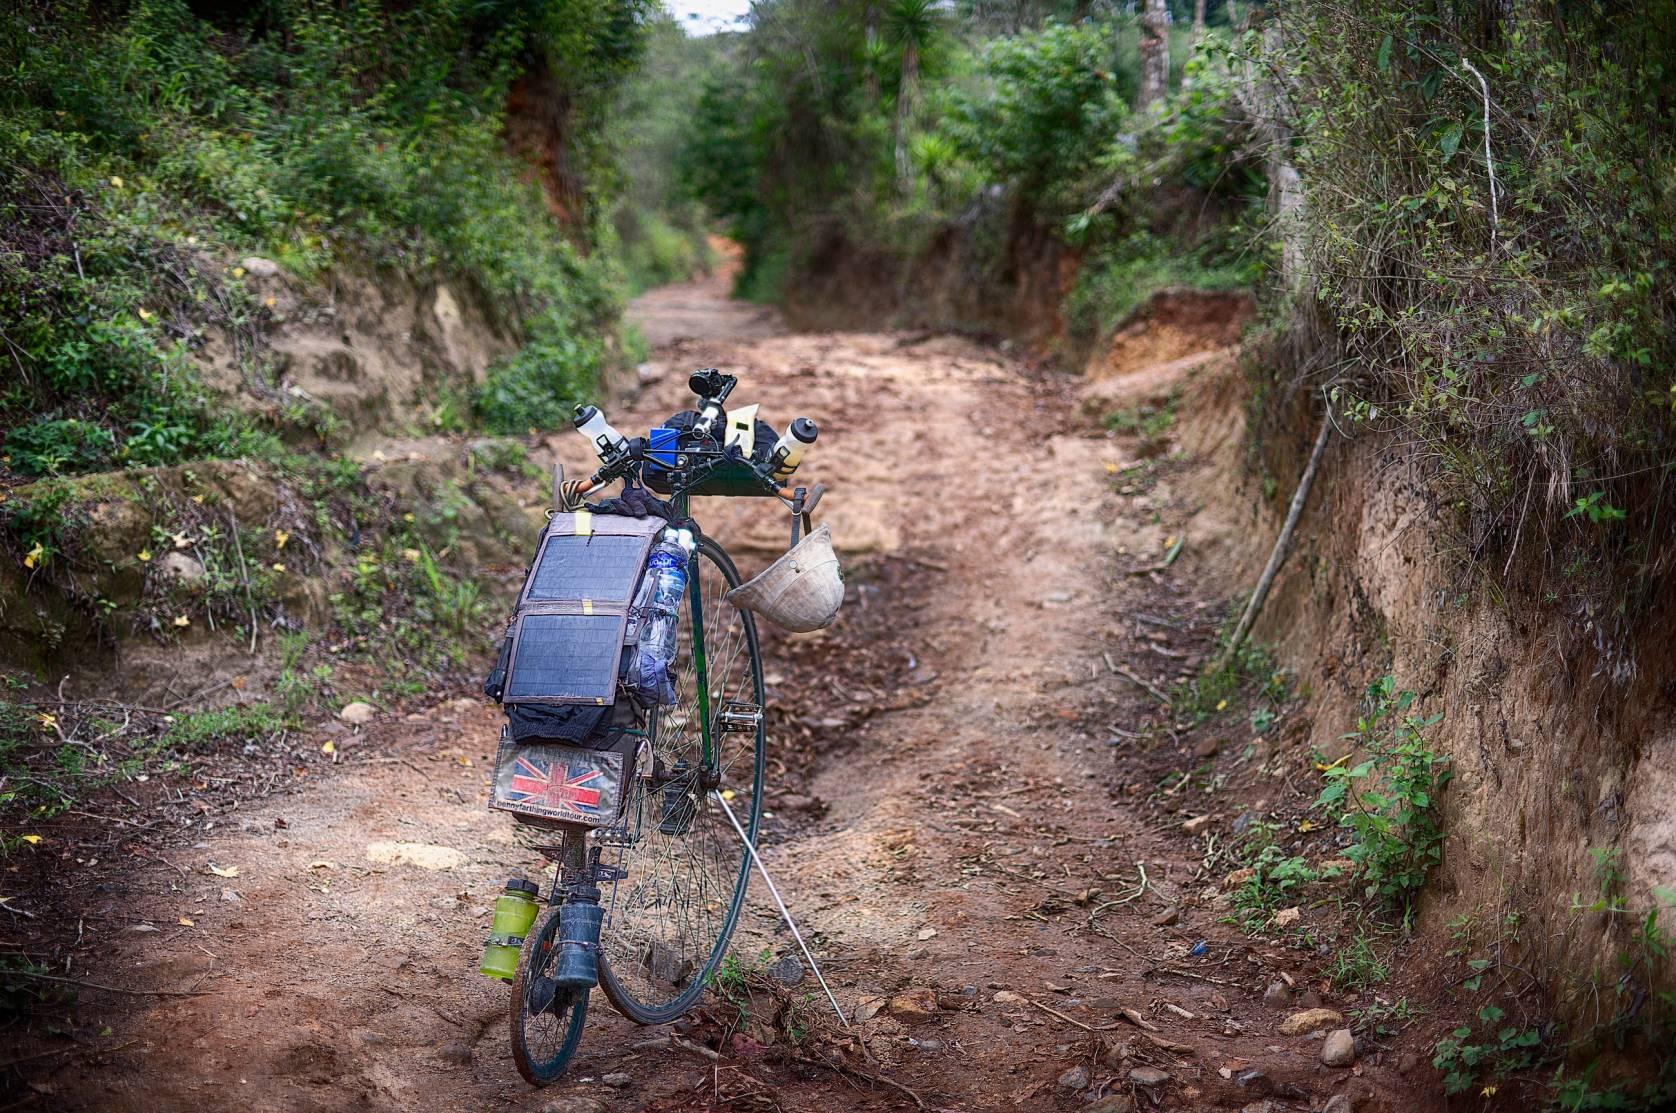 joff summerfield penny farthing bike